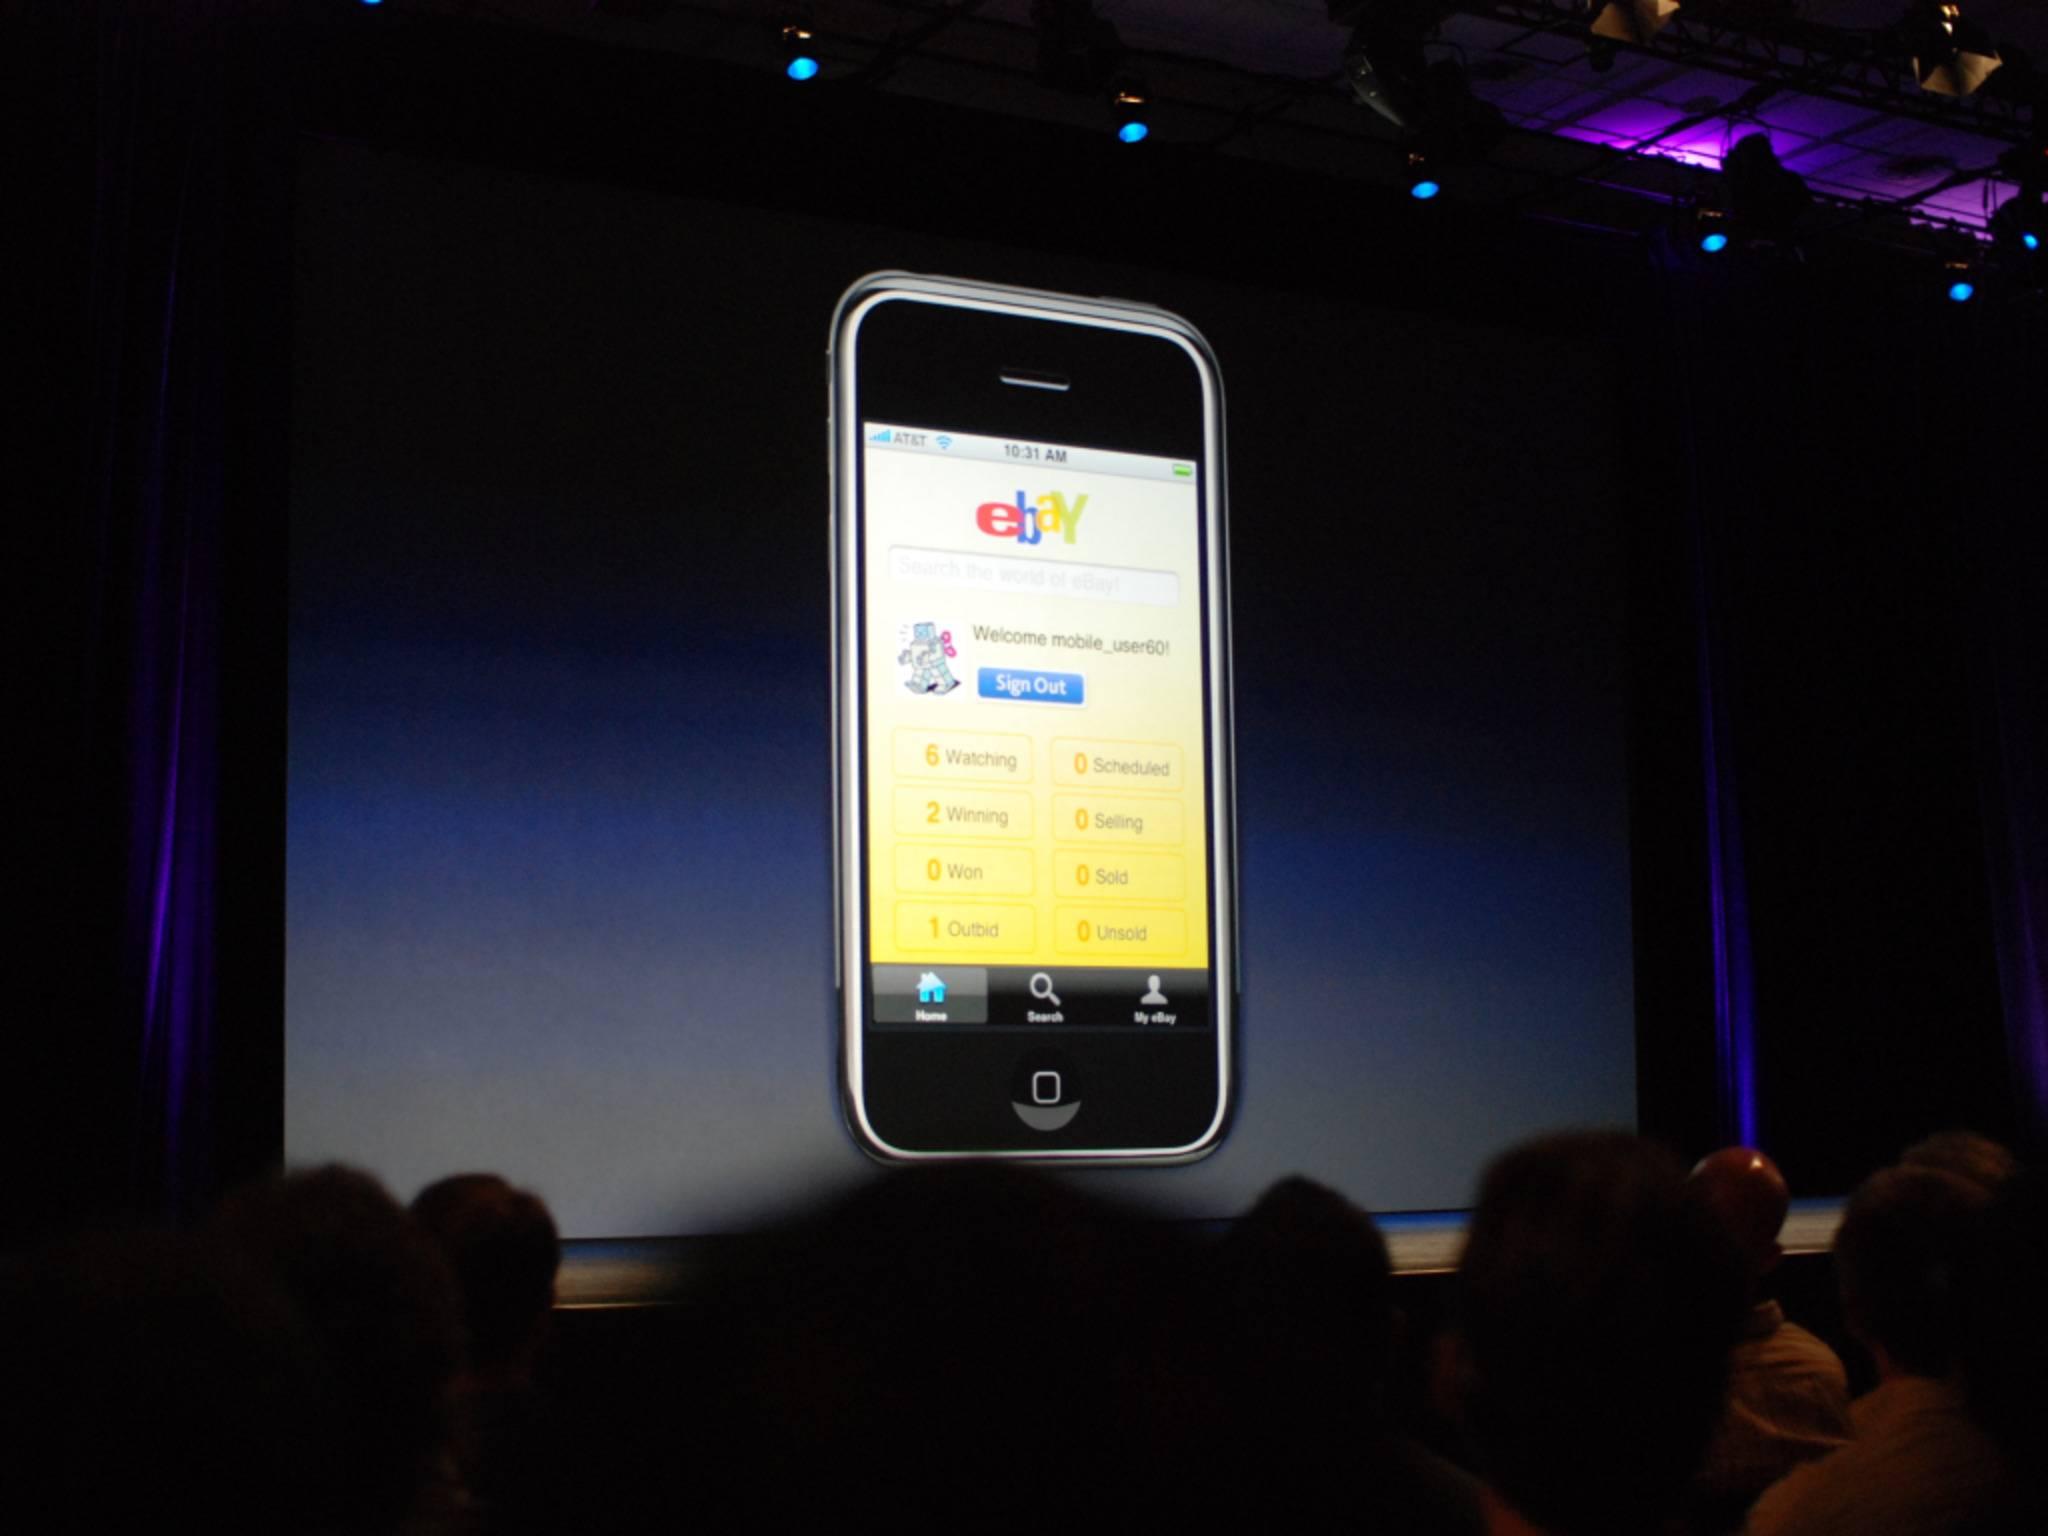 So wurde die Ebay-App fürs iPhone auf dem WWDC 2008 präsentiert.